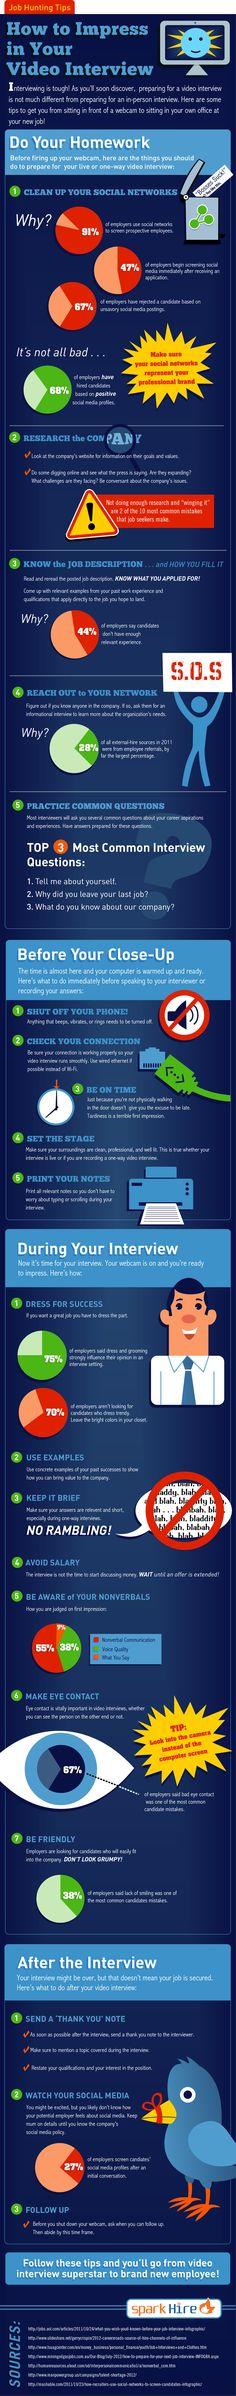 Maak oogcontact met de webcam en meer sollicitatietips voor een geslaagd online sollicitatiegesprek.